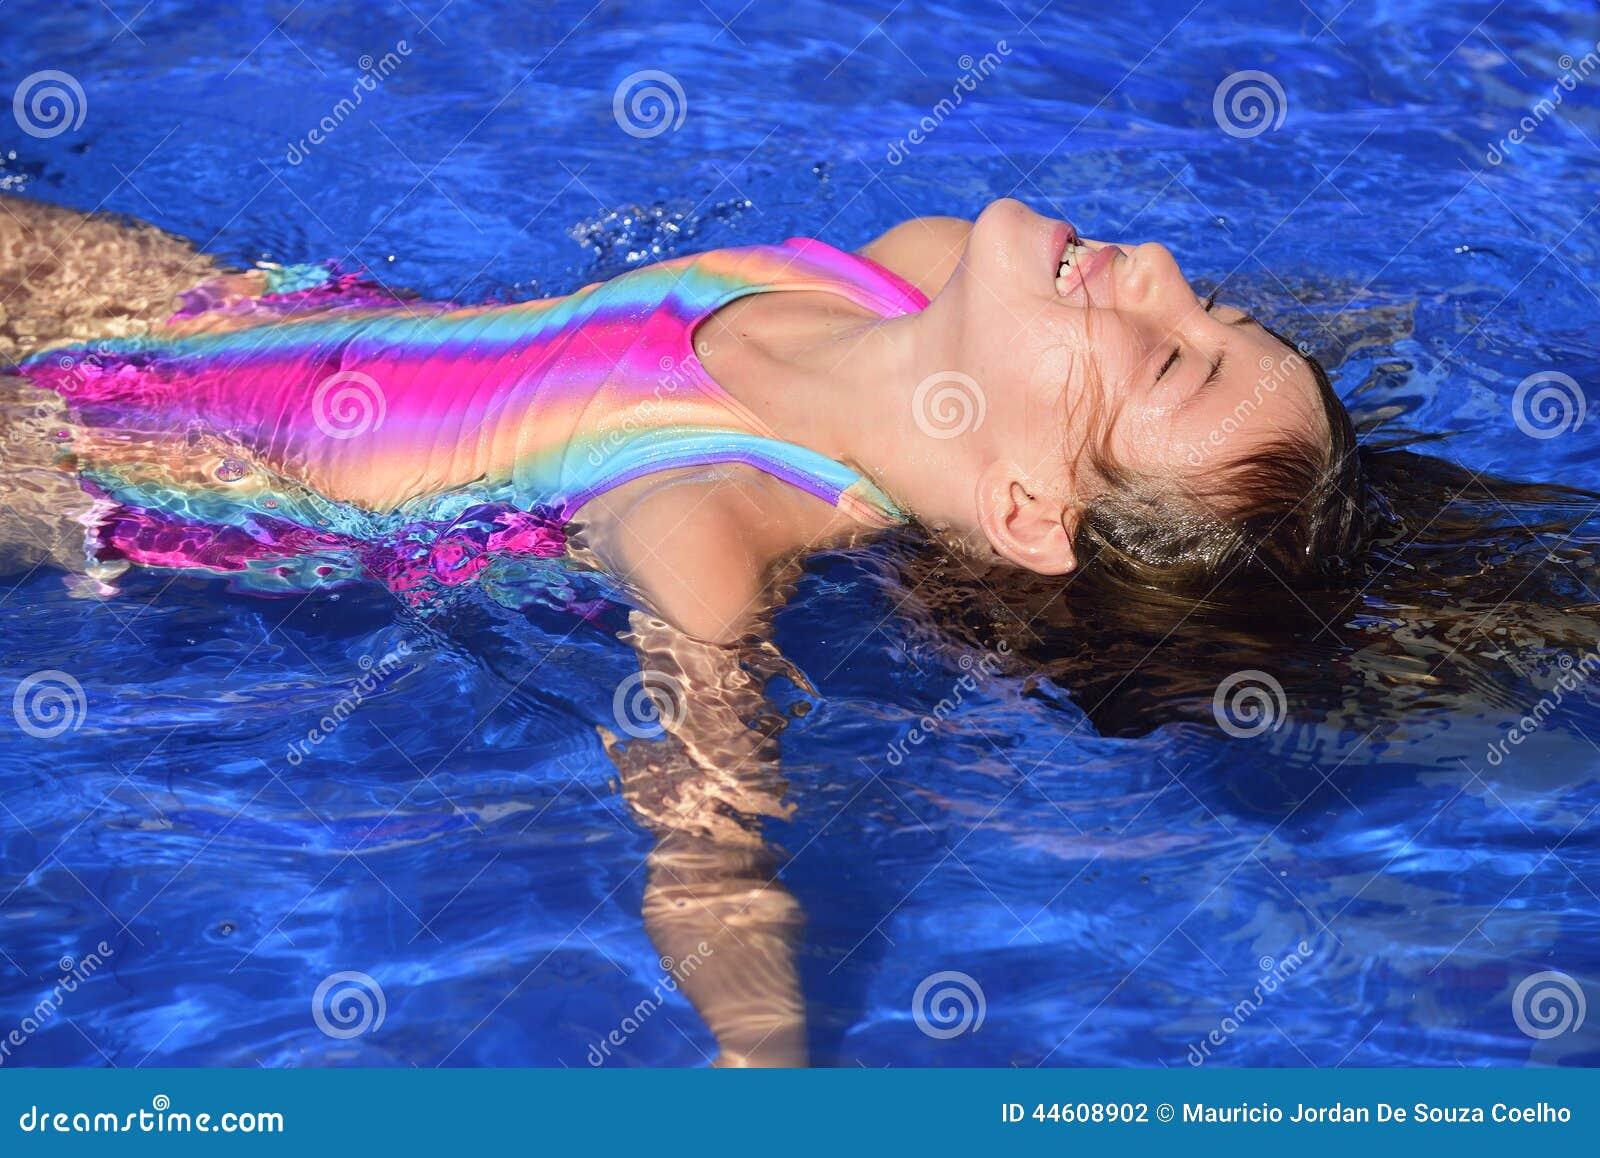 Lições da natação: Criança que aprende flutuar